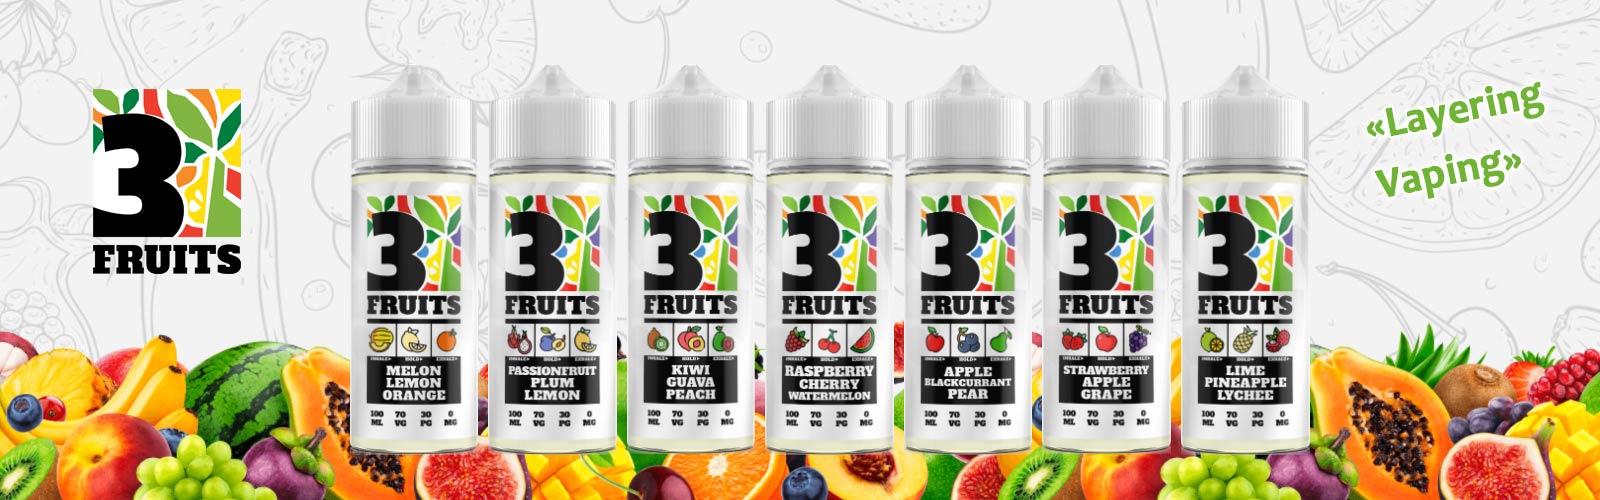 Ce sont les e-liquides Anglais 3fruits vapotage par couche 100ml